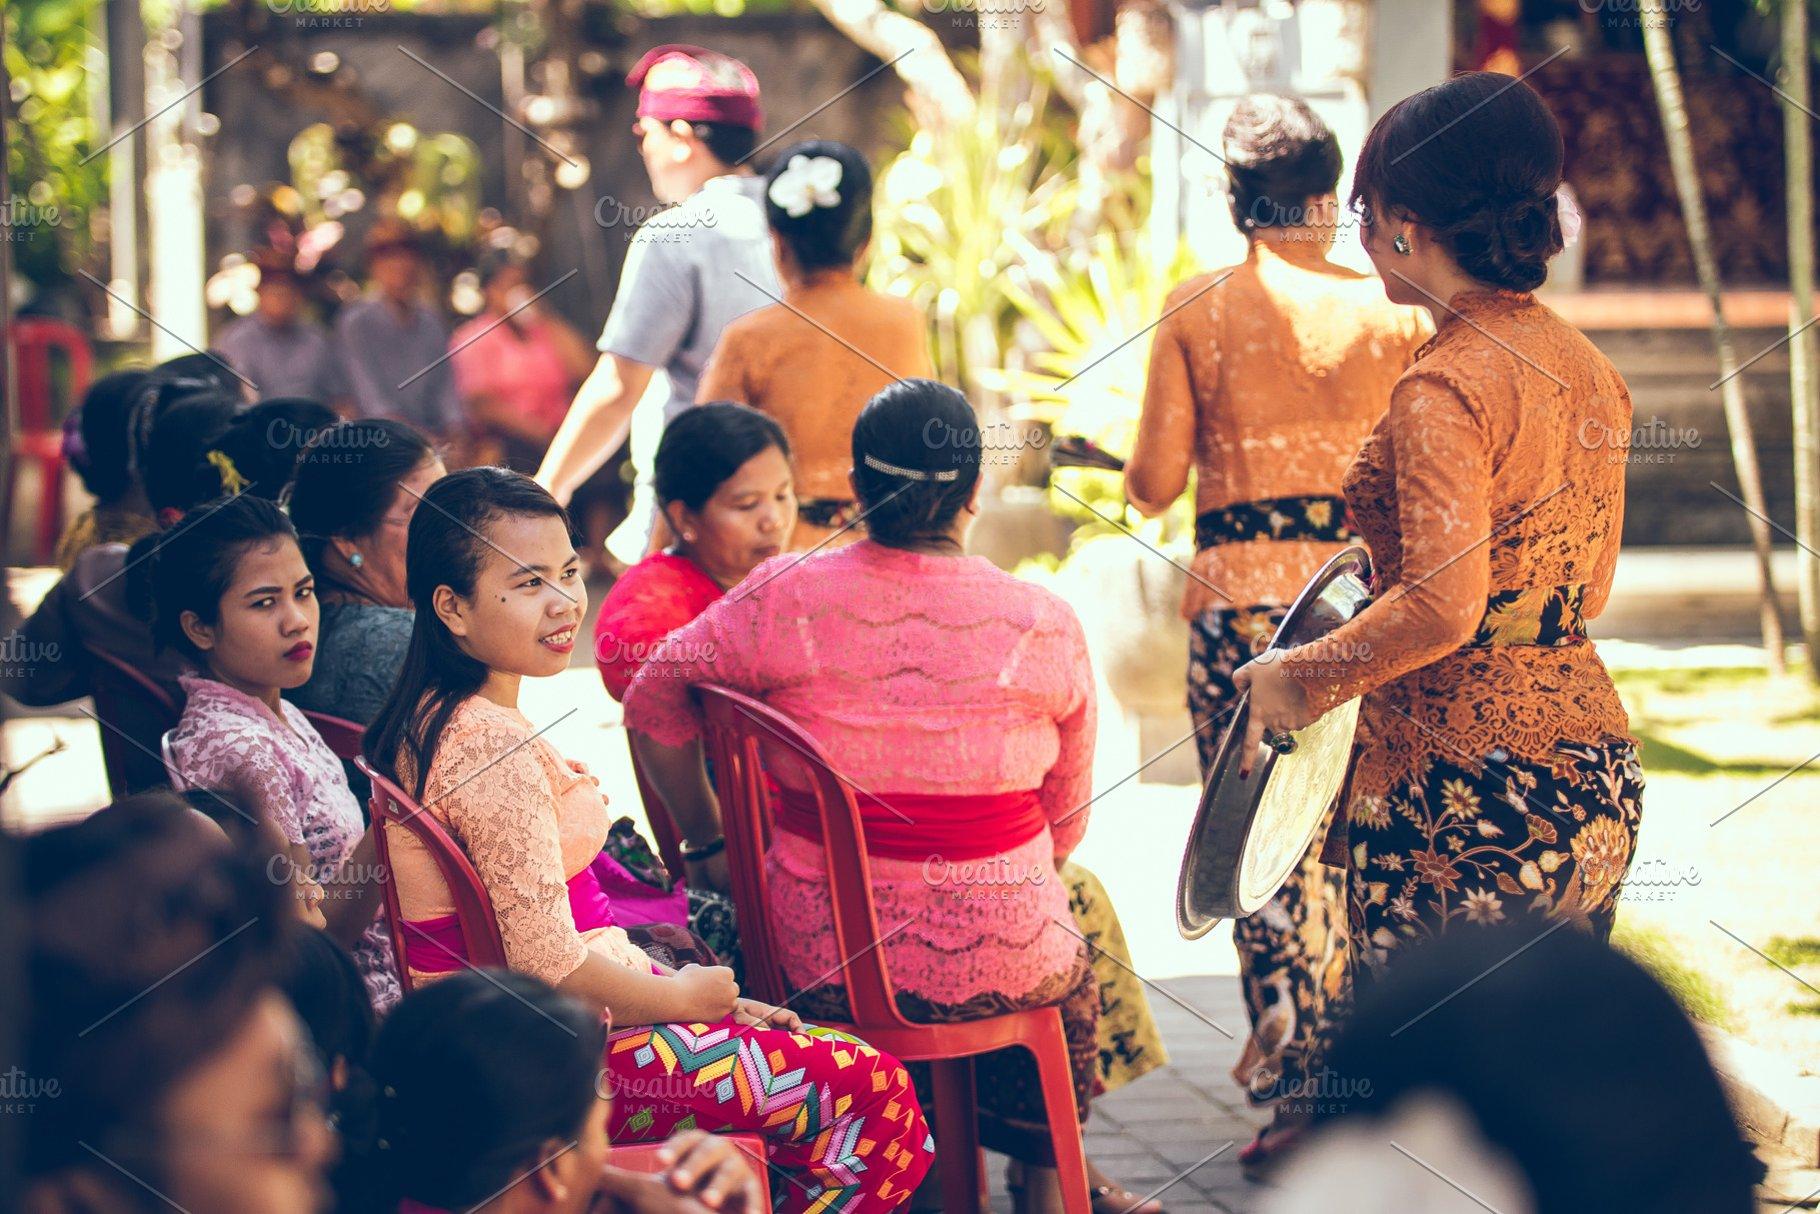 Wedding Ceremony Traditional.Bali Indonesia April 13 2018 People On Balinese Wedding Ceremony Traditional Wedding